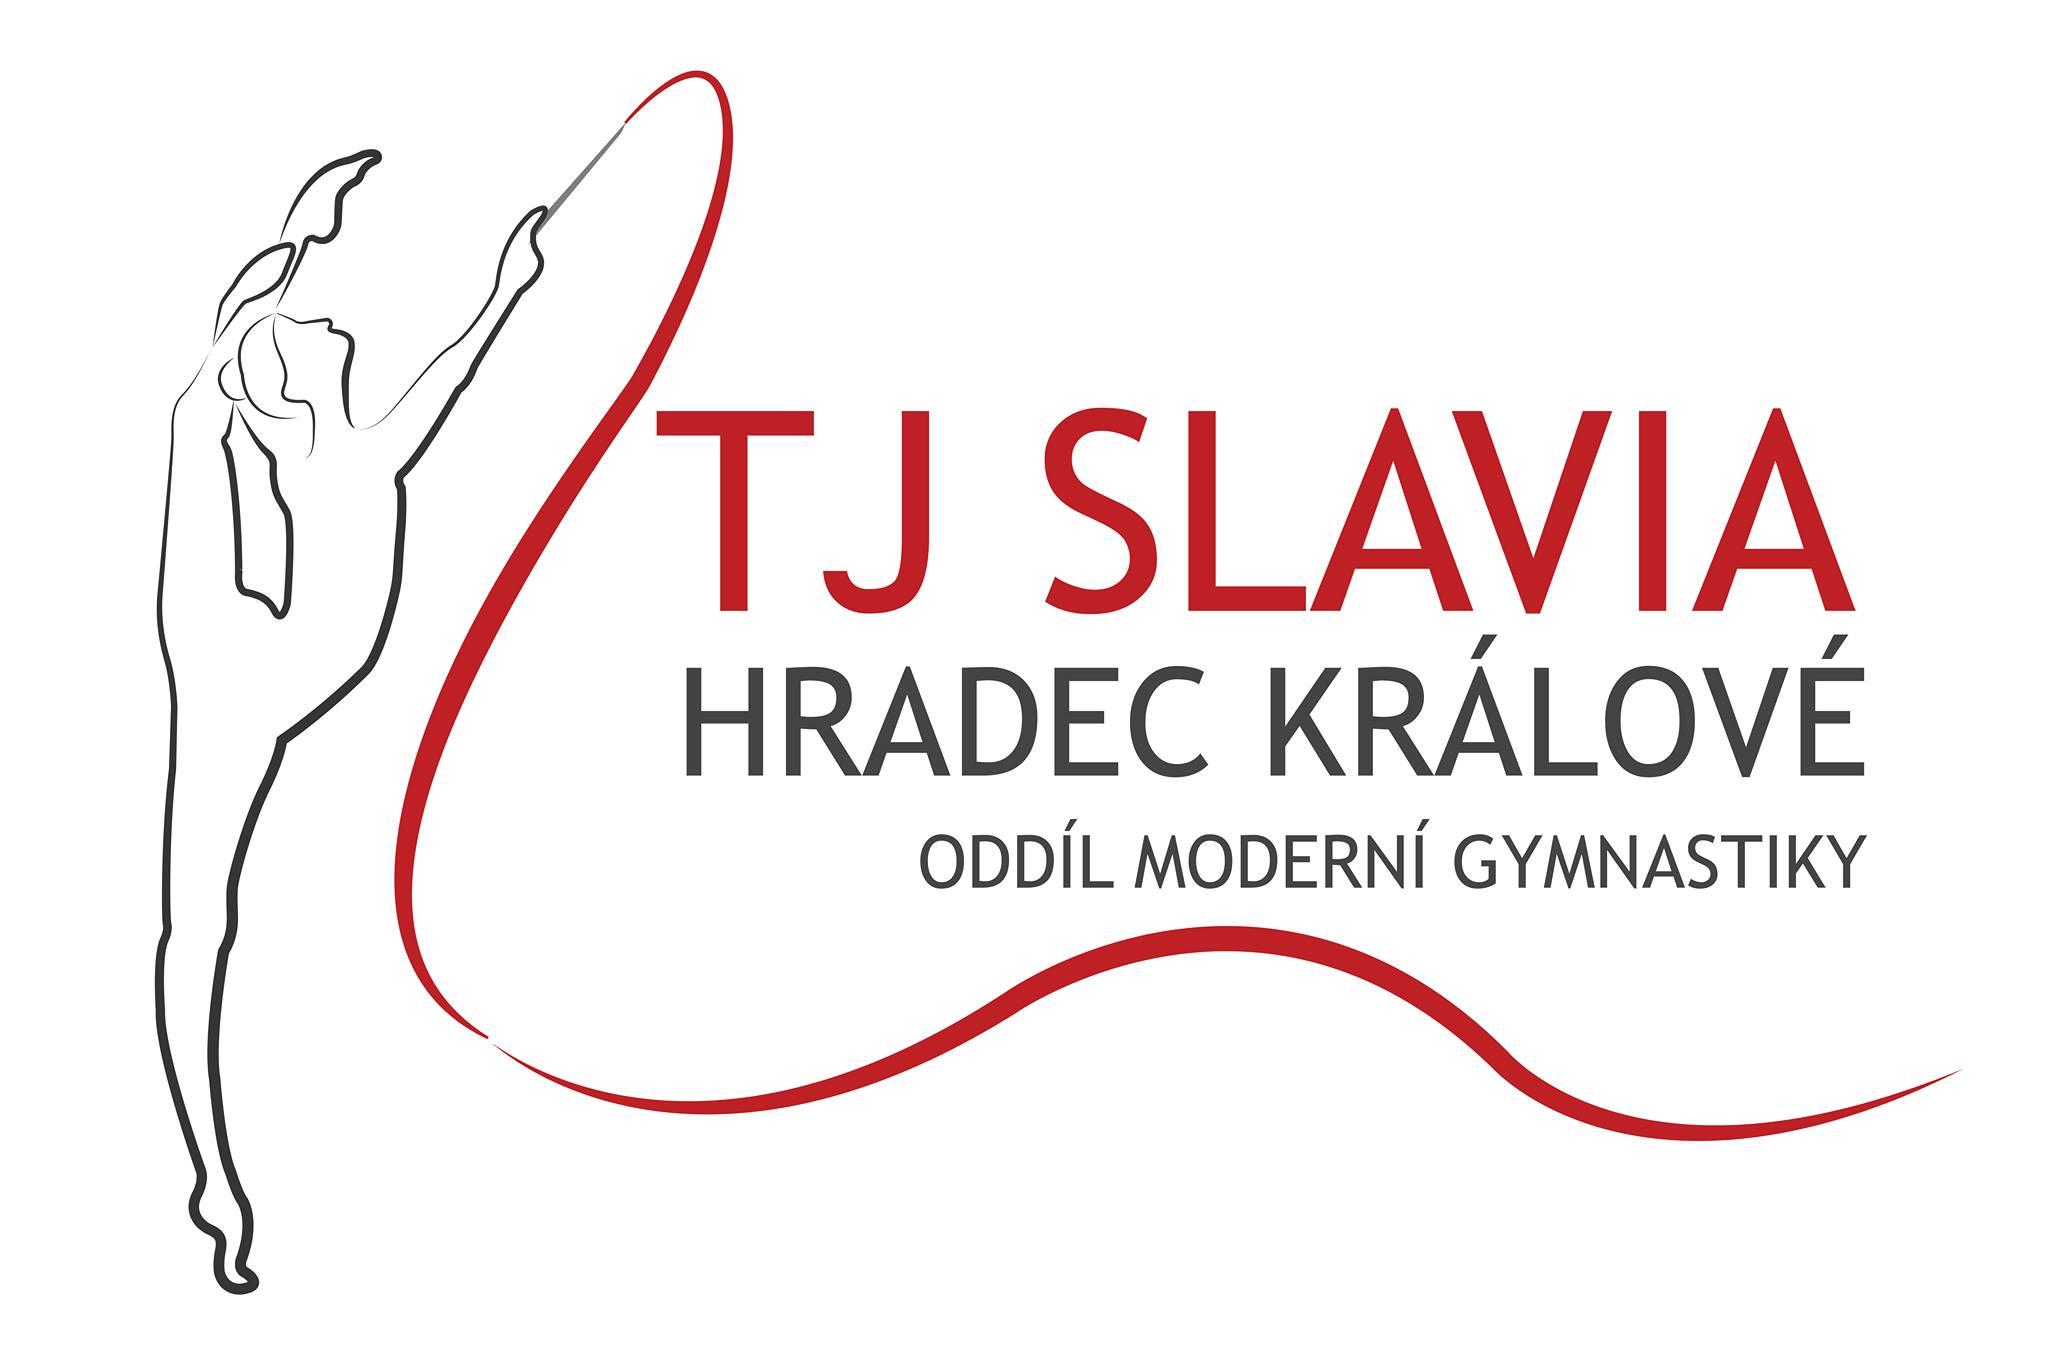 http://www.gymnastika-hk.cz